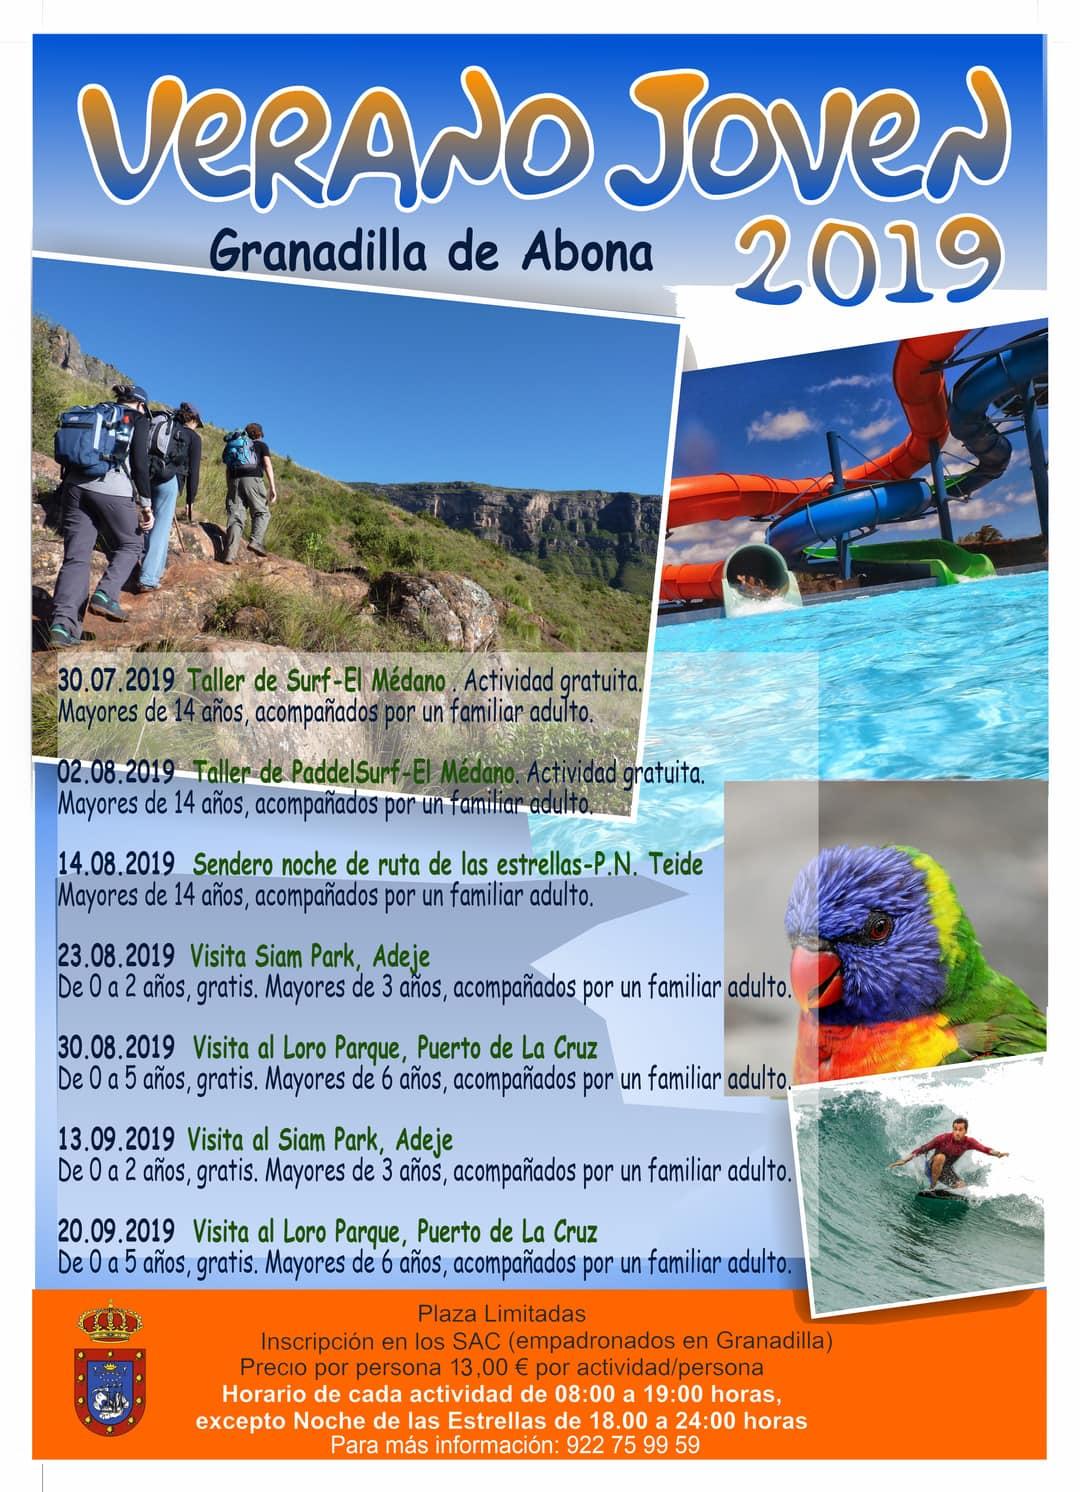 El plazo para inscribrise a la actividad 'Visita al Loro Parque' del 6 de septiembre, comprendida en el programa 'Verano Joven 2019', finaliza este miércoles